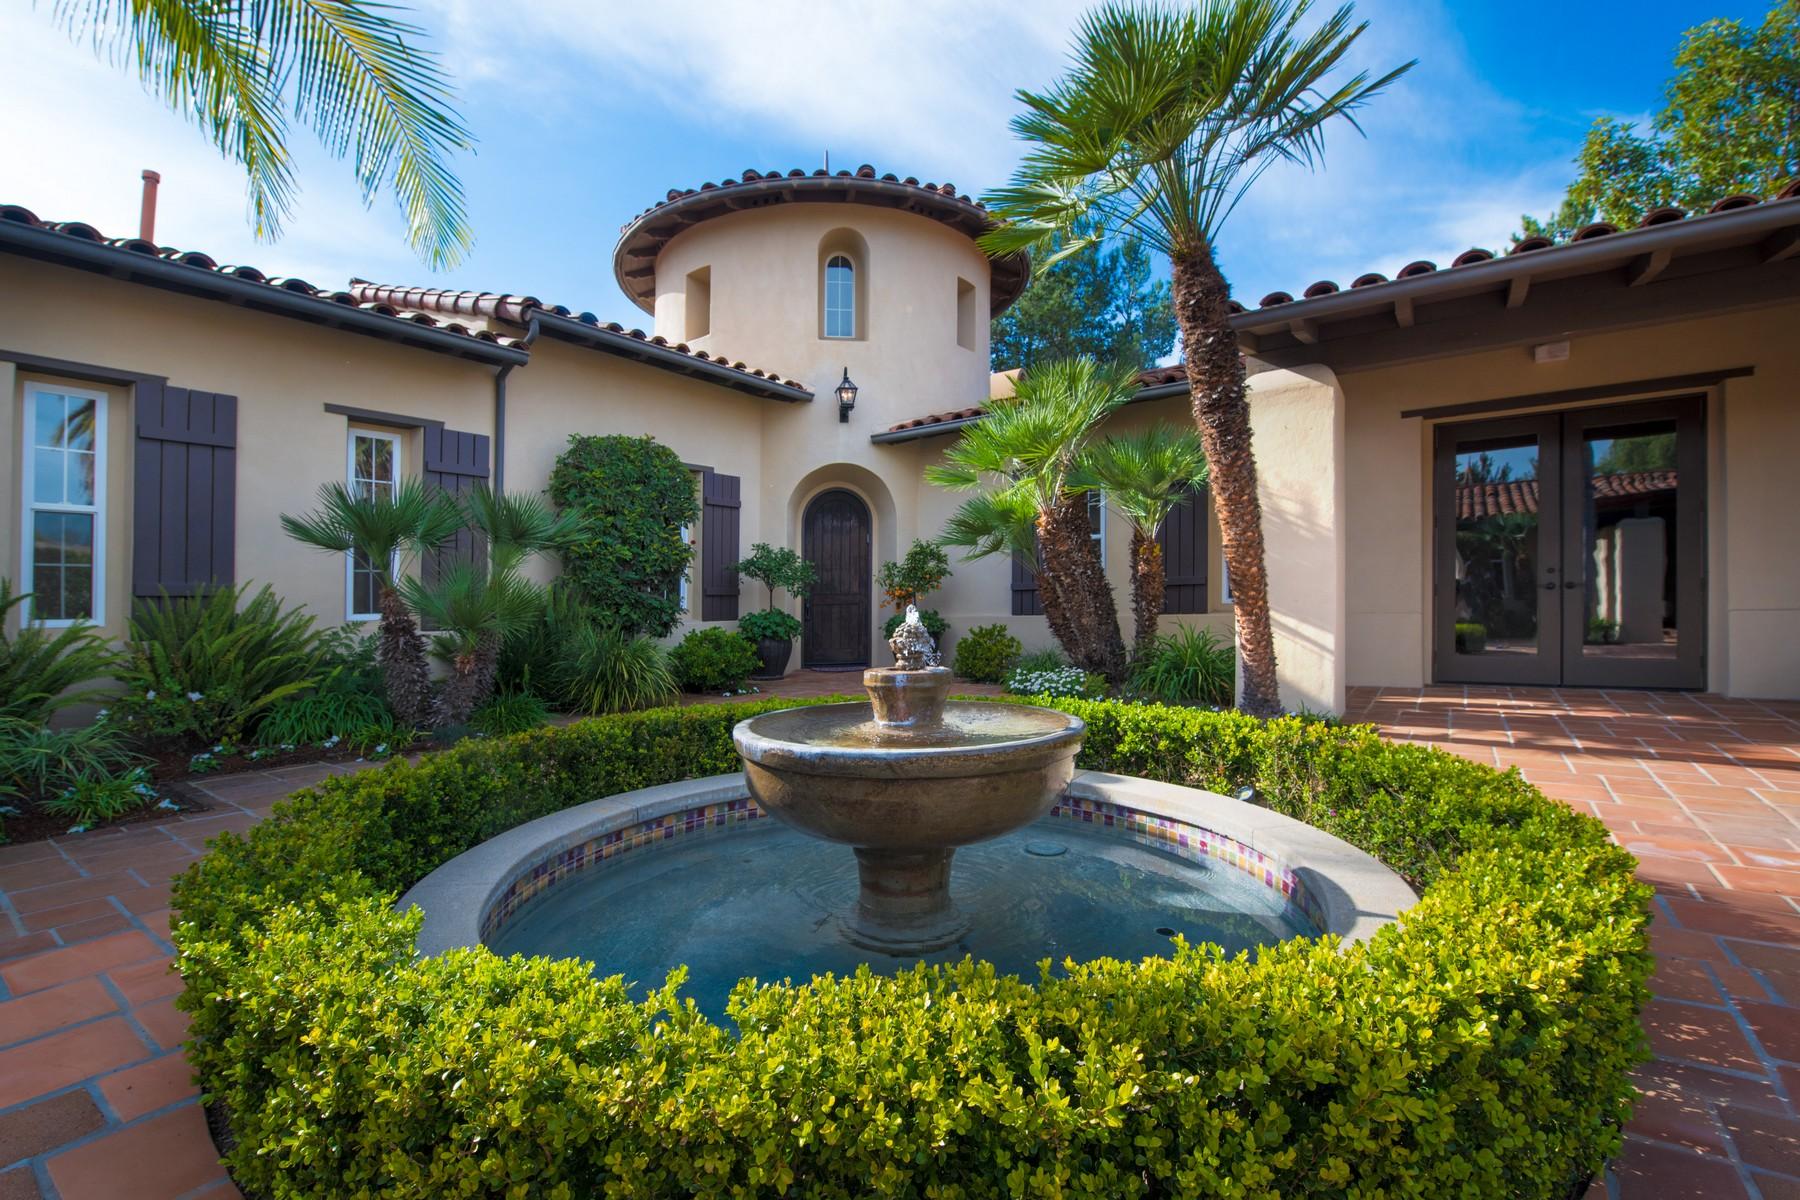 단독 가정 주택 용 매매 에 14146 Caminito Vistana San Diego, 캘리포니아, 92130 미국